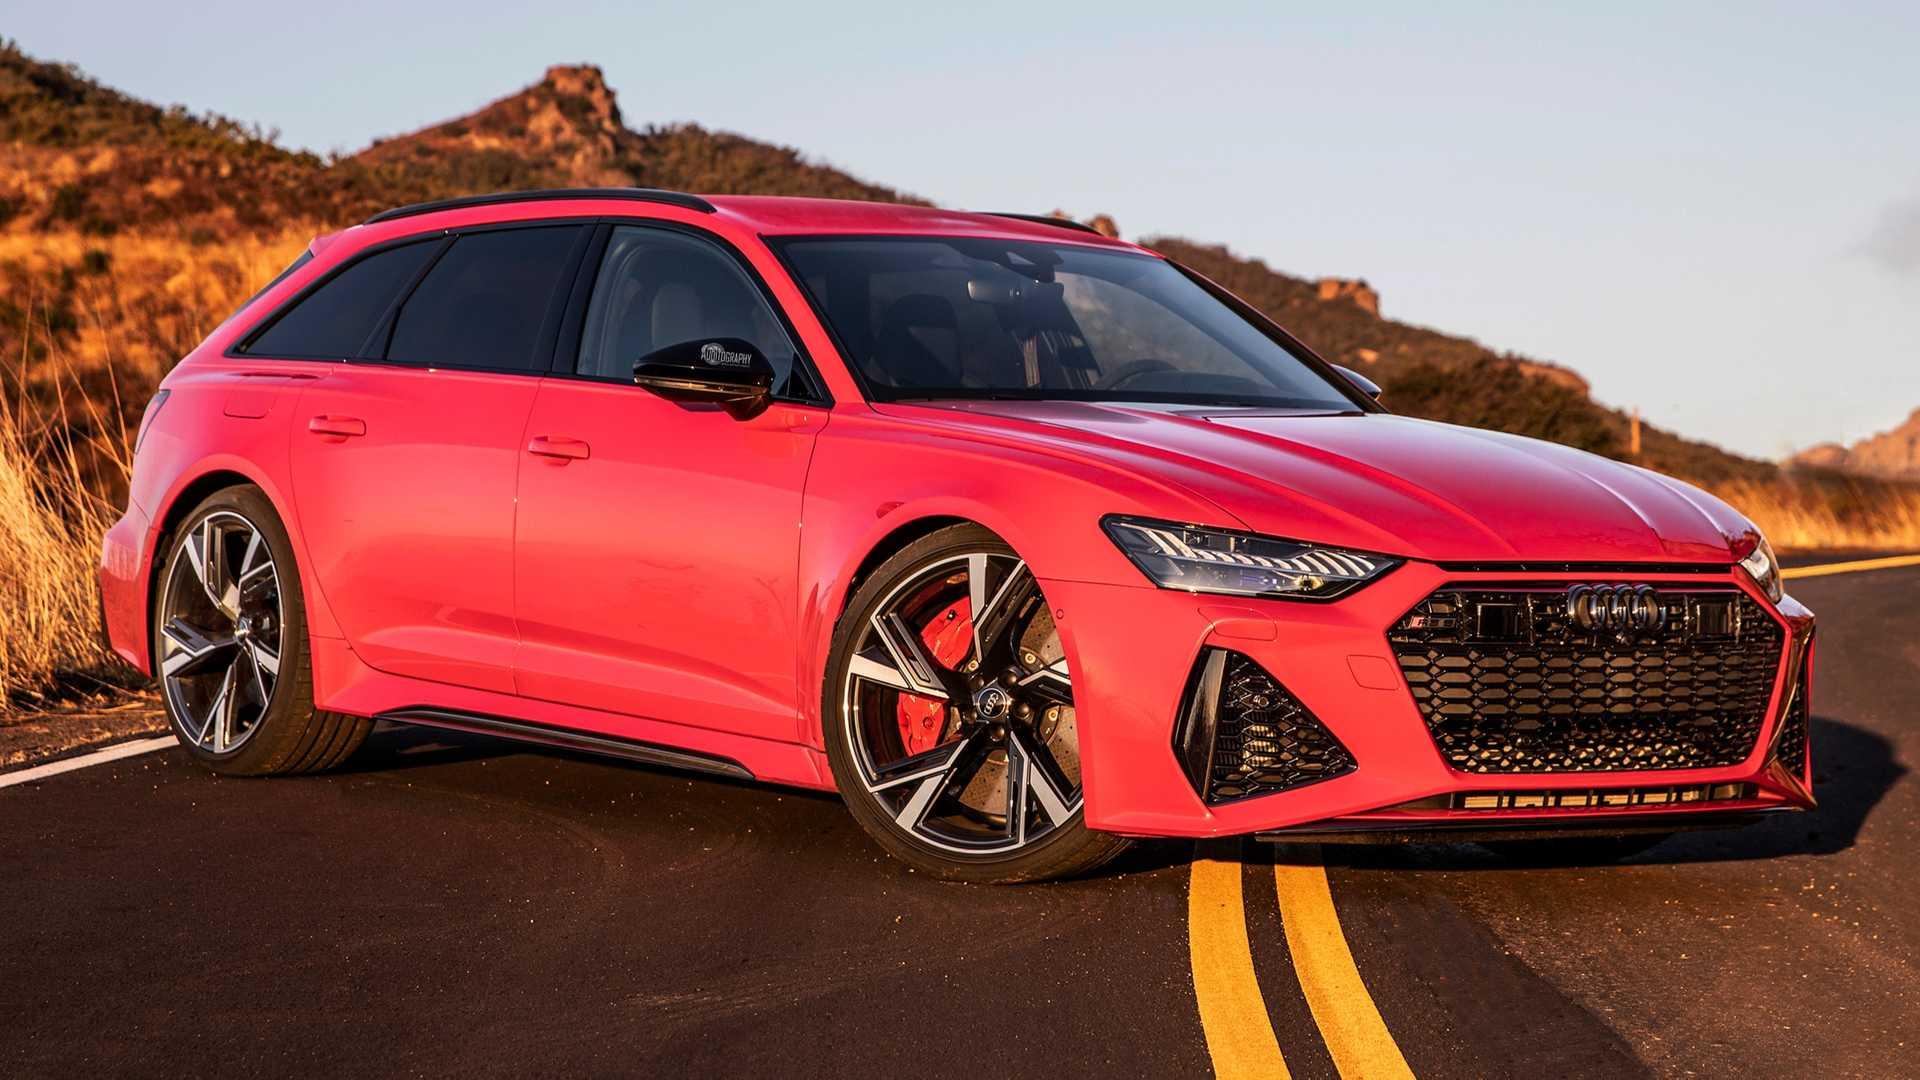 Kelebihan Audi Rs7 Avant Review